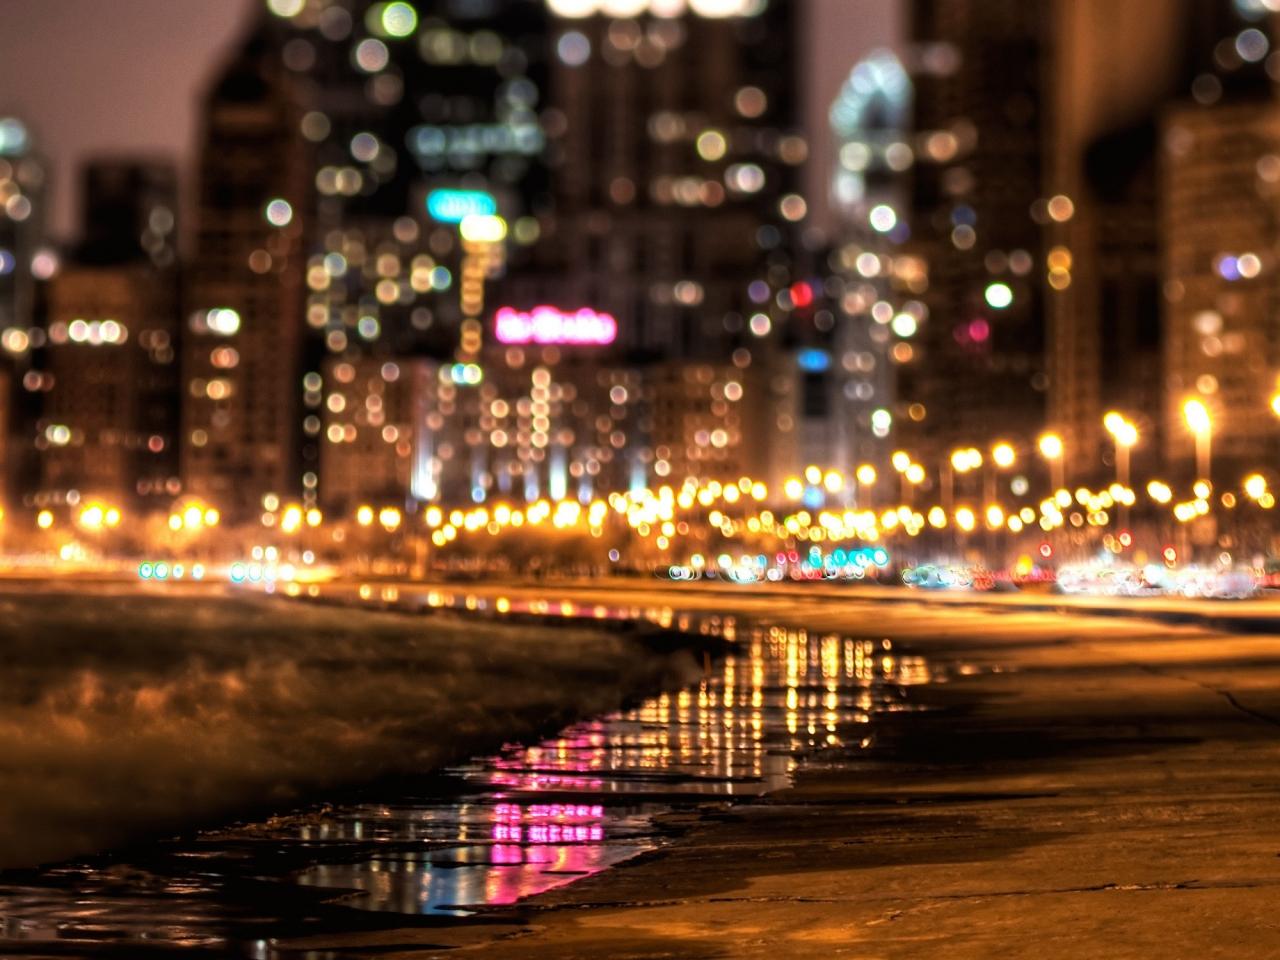 Luces en ciudad - 1280x960